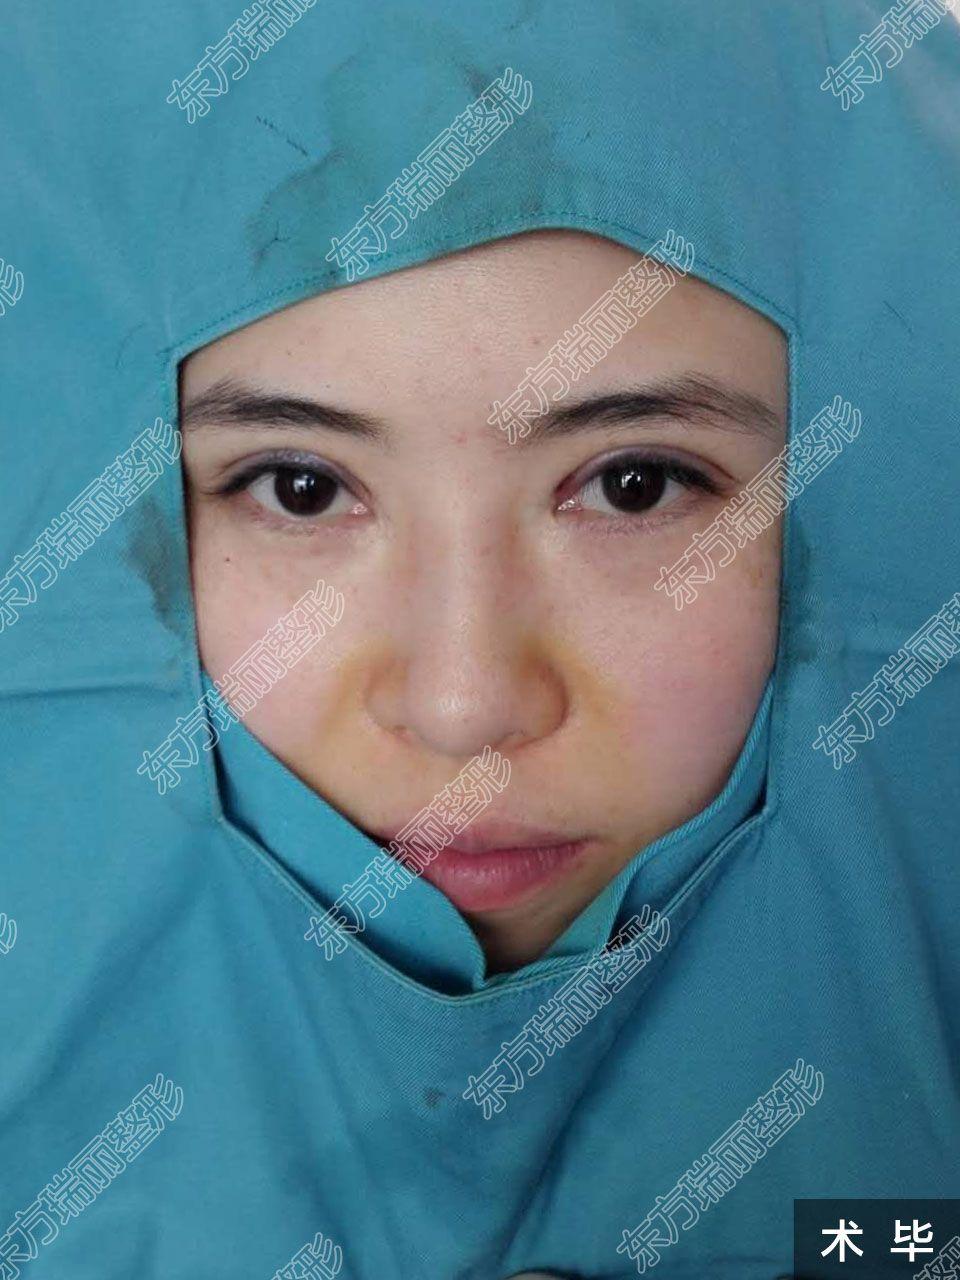 全切双眼皮,手术台上术前术后对比照,术毕效果非常明显哦